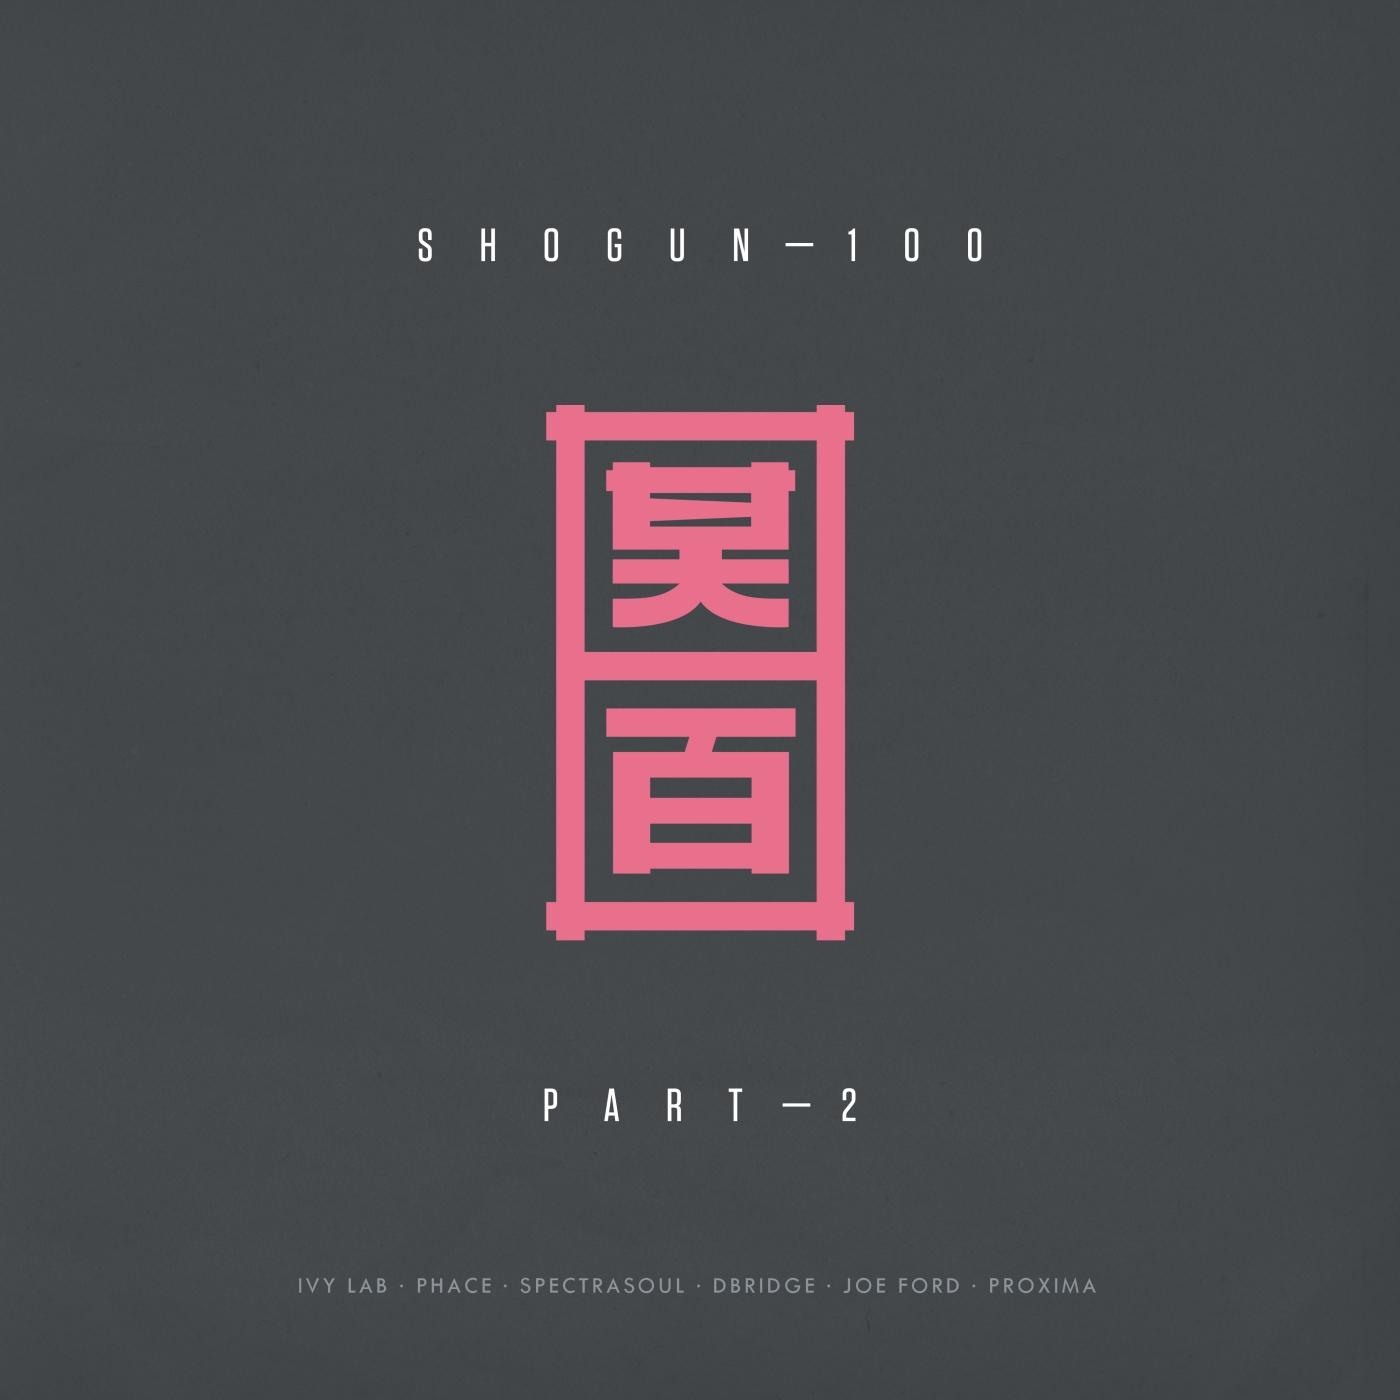 Shogun 100 - EP 2